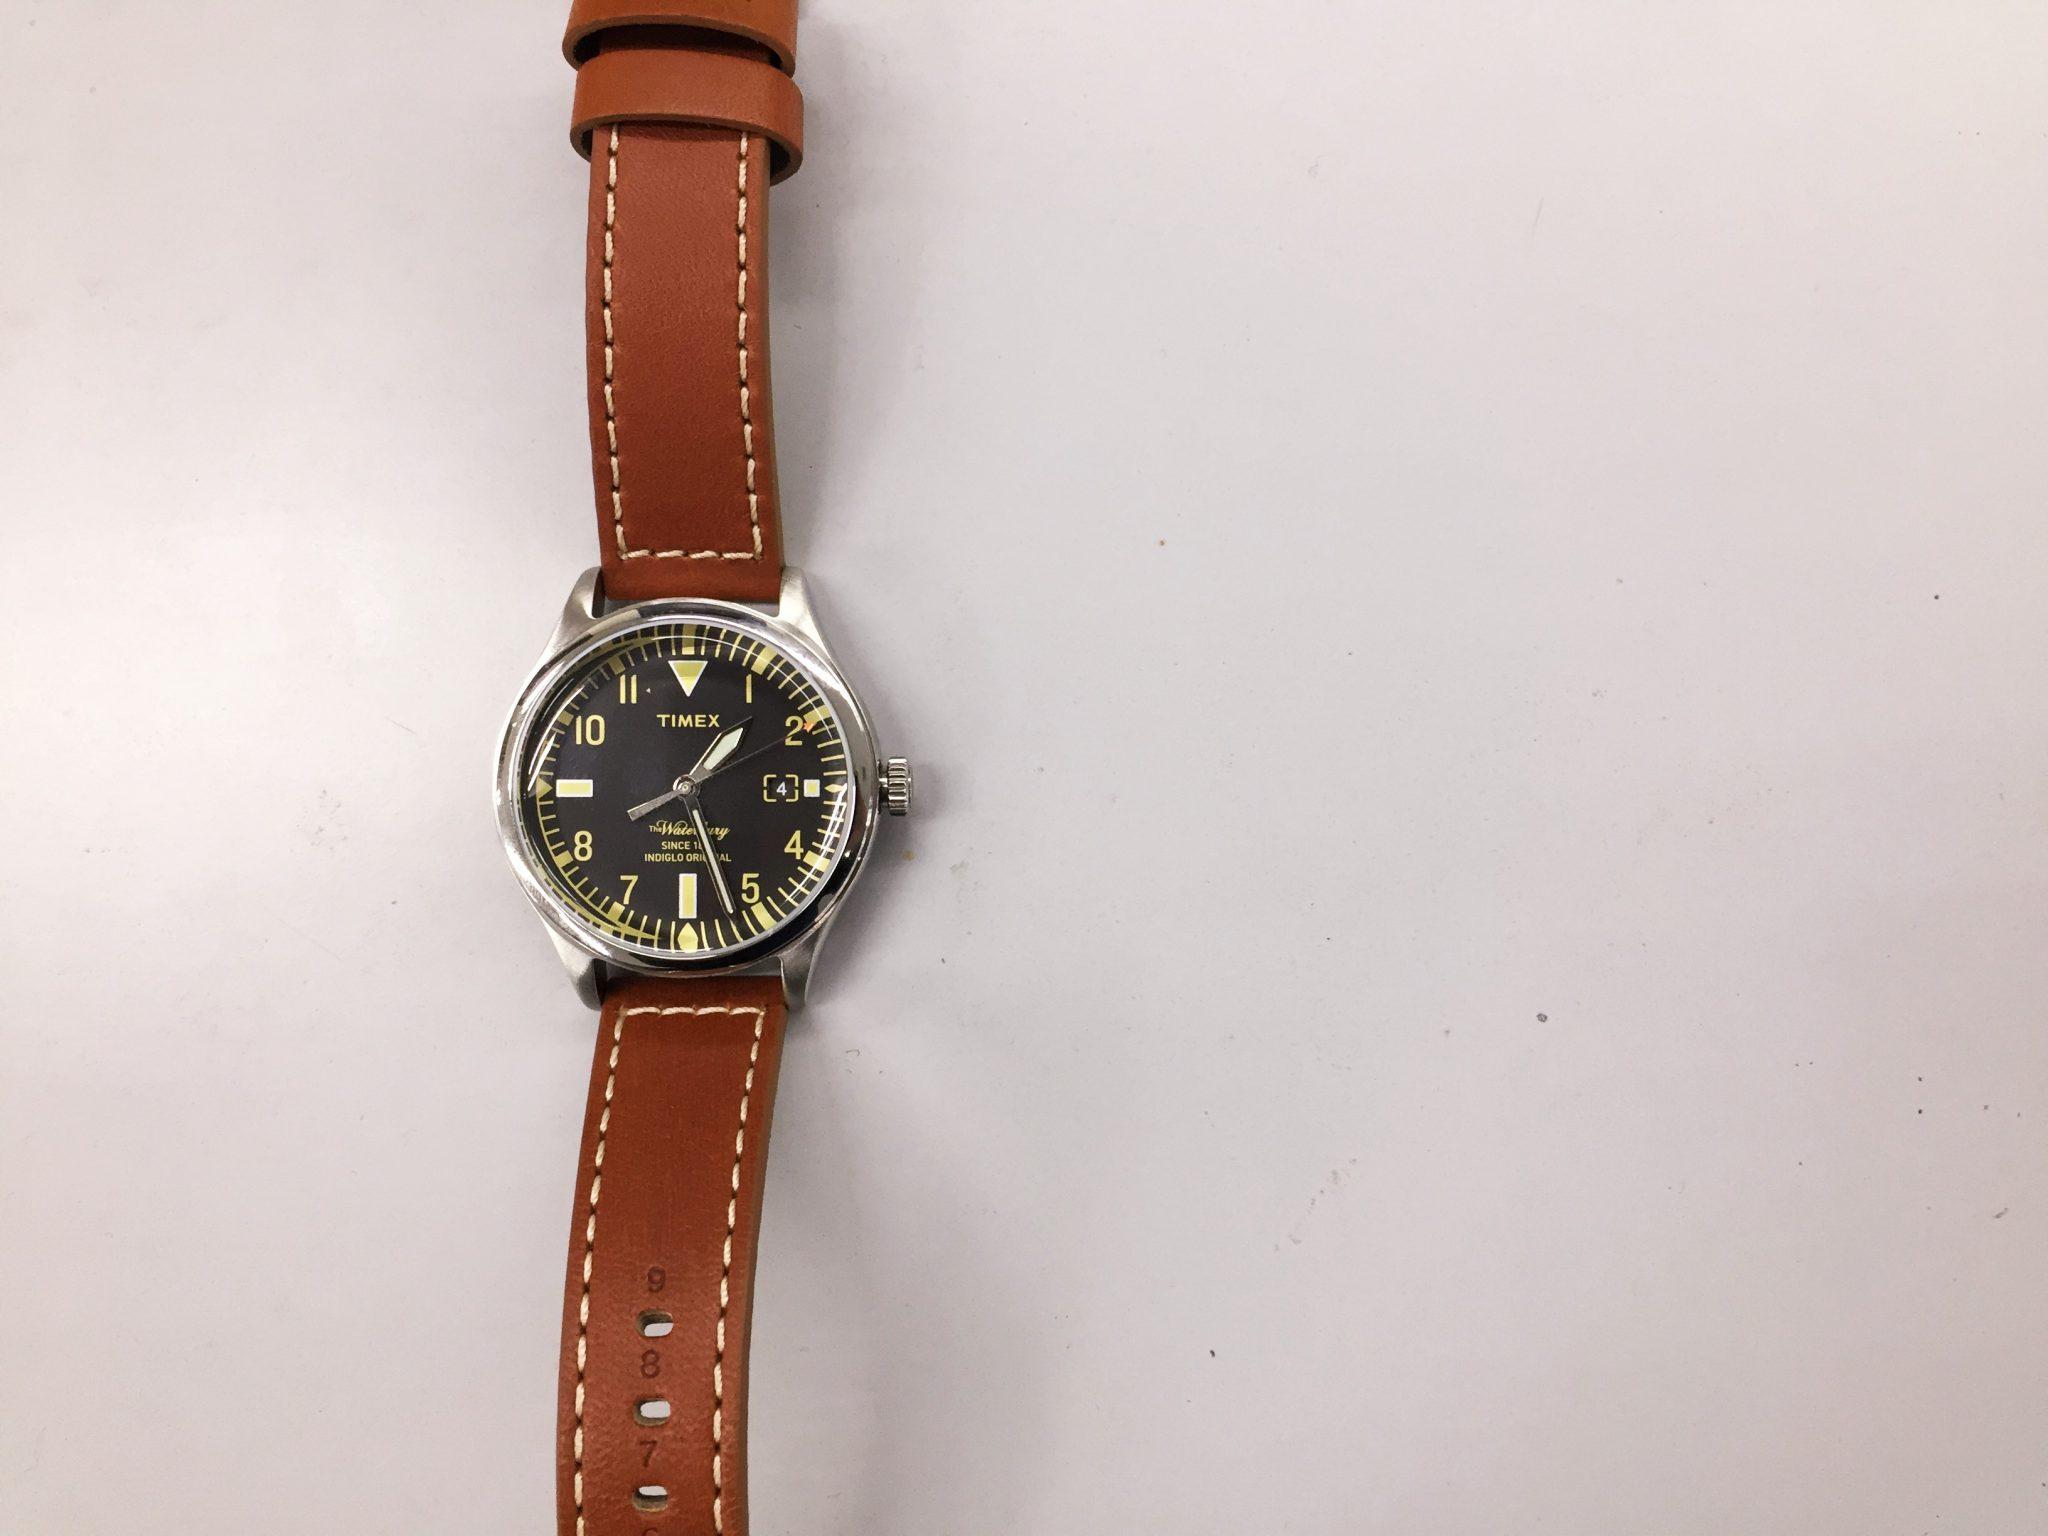 TIMEX(タイメックス)ウォーターベリー Red Wing Shoe Leather 38mm|革ベルトのエイジング(経年変化)を楽しむクォーツウォッチを購入